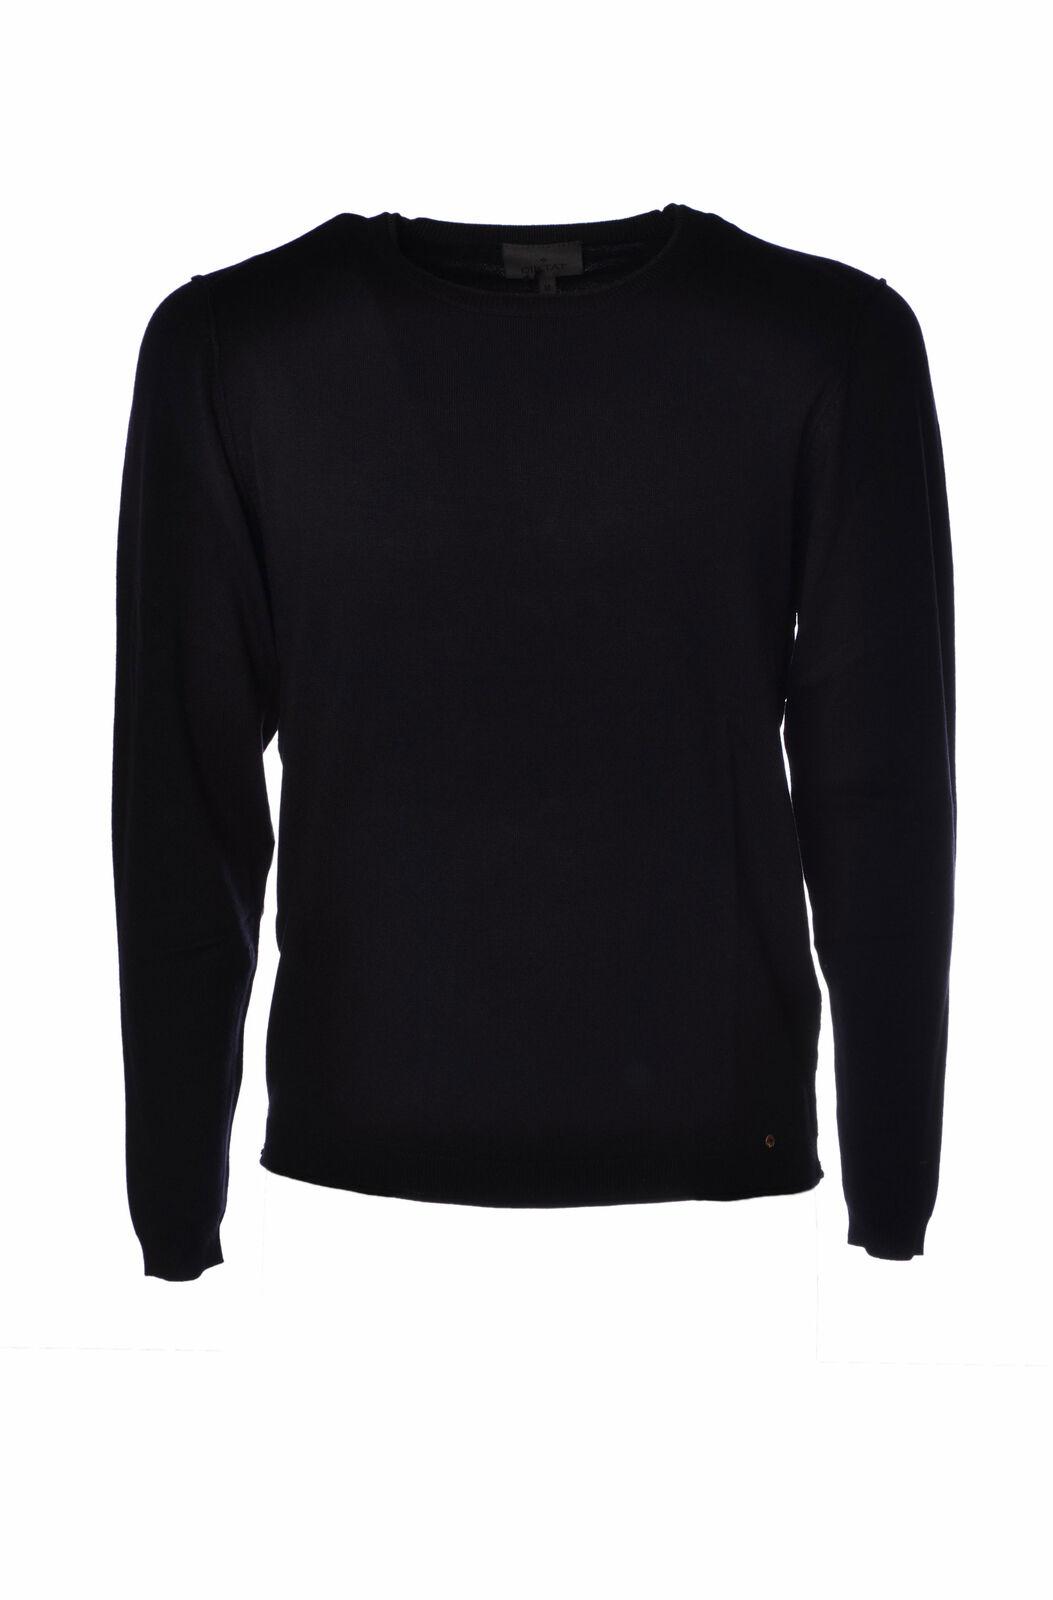 Diktat - Knitwear-Sweaters - Man - bluee - 2631412B194123